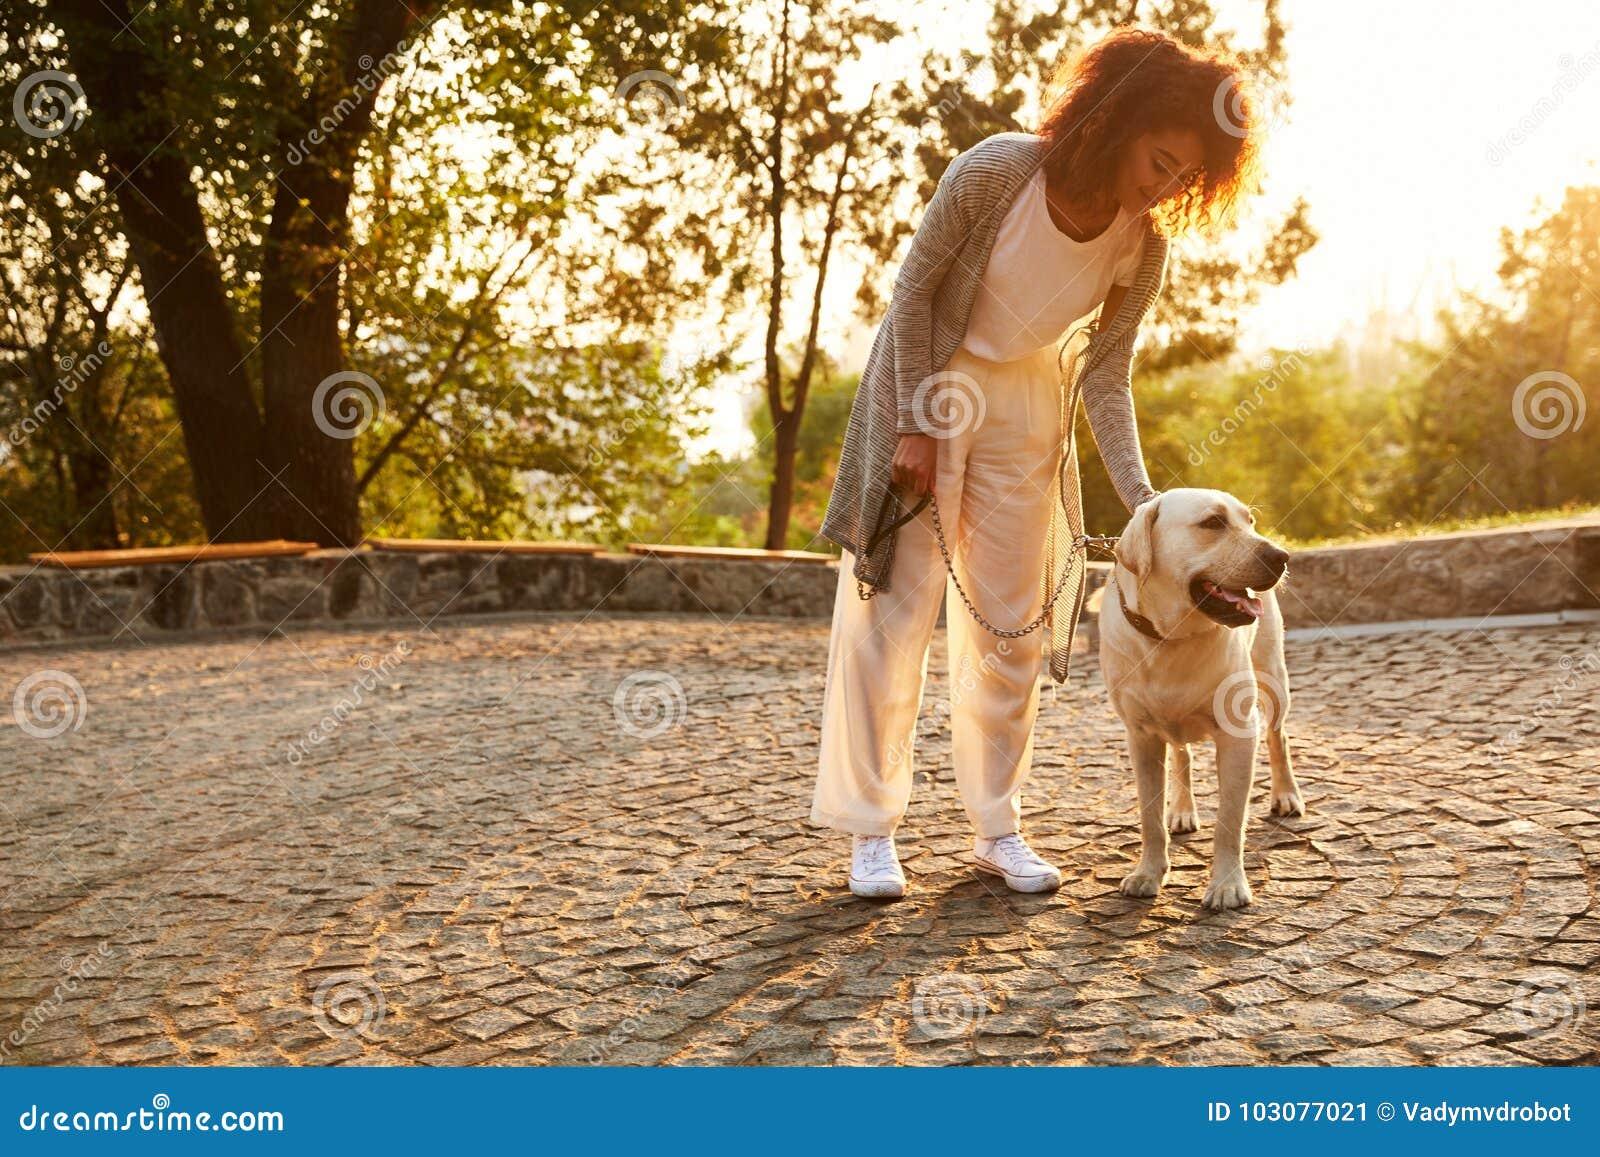 Młoda uśmiechnięta dama siedzi psa w parku i ściska w przypadkowych ubraniach